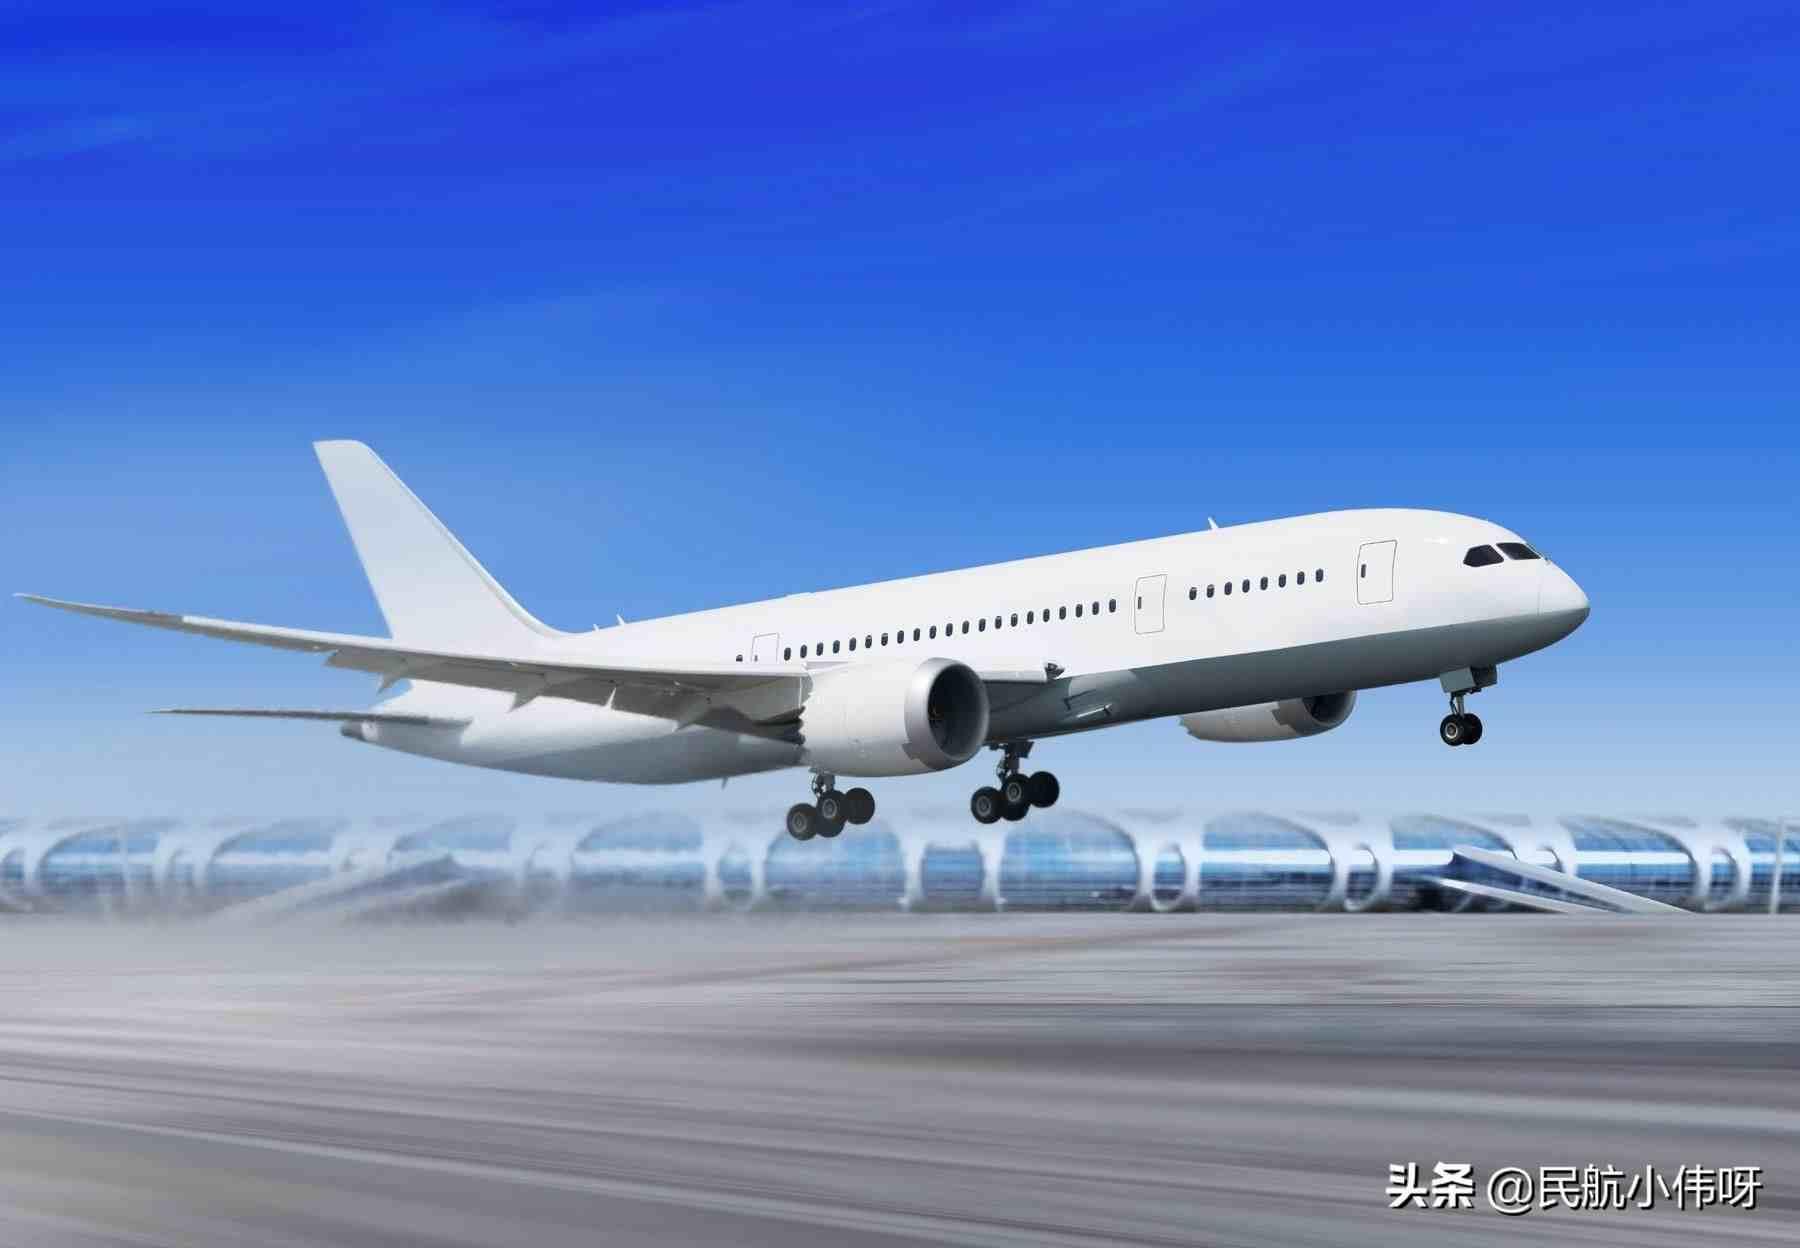 第一次坐飞机的你,知道具体流程是怎样的吗?